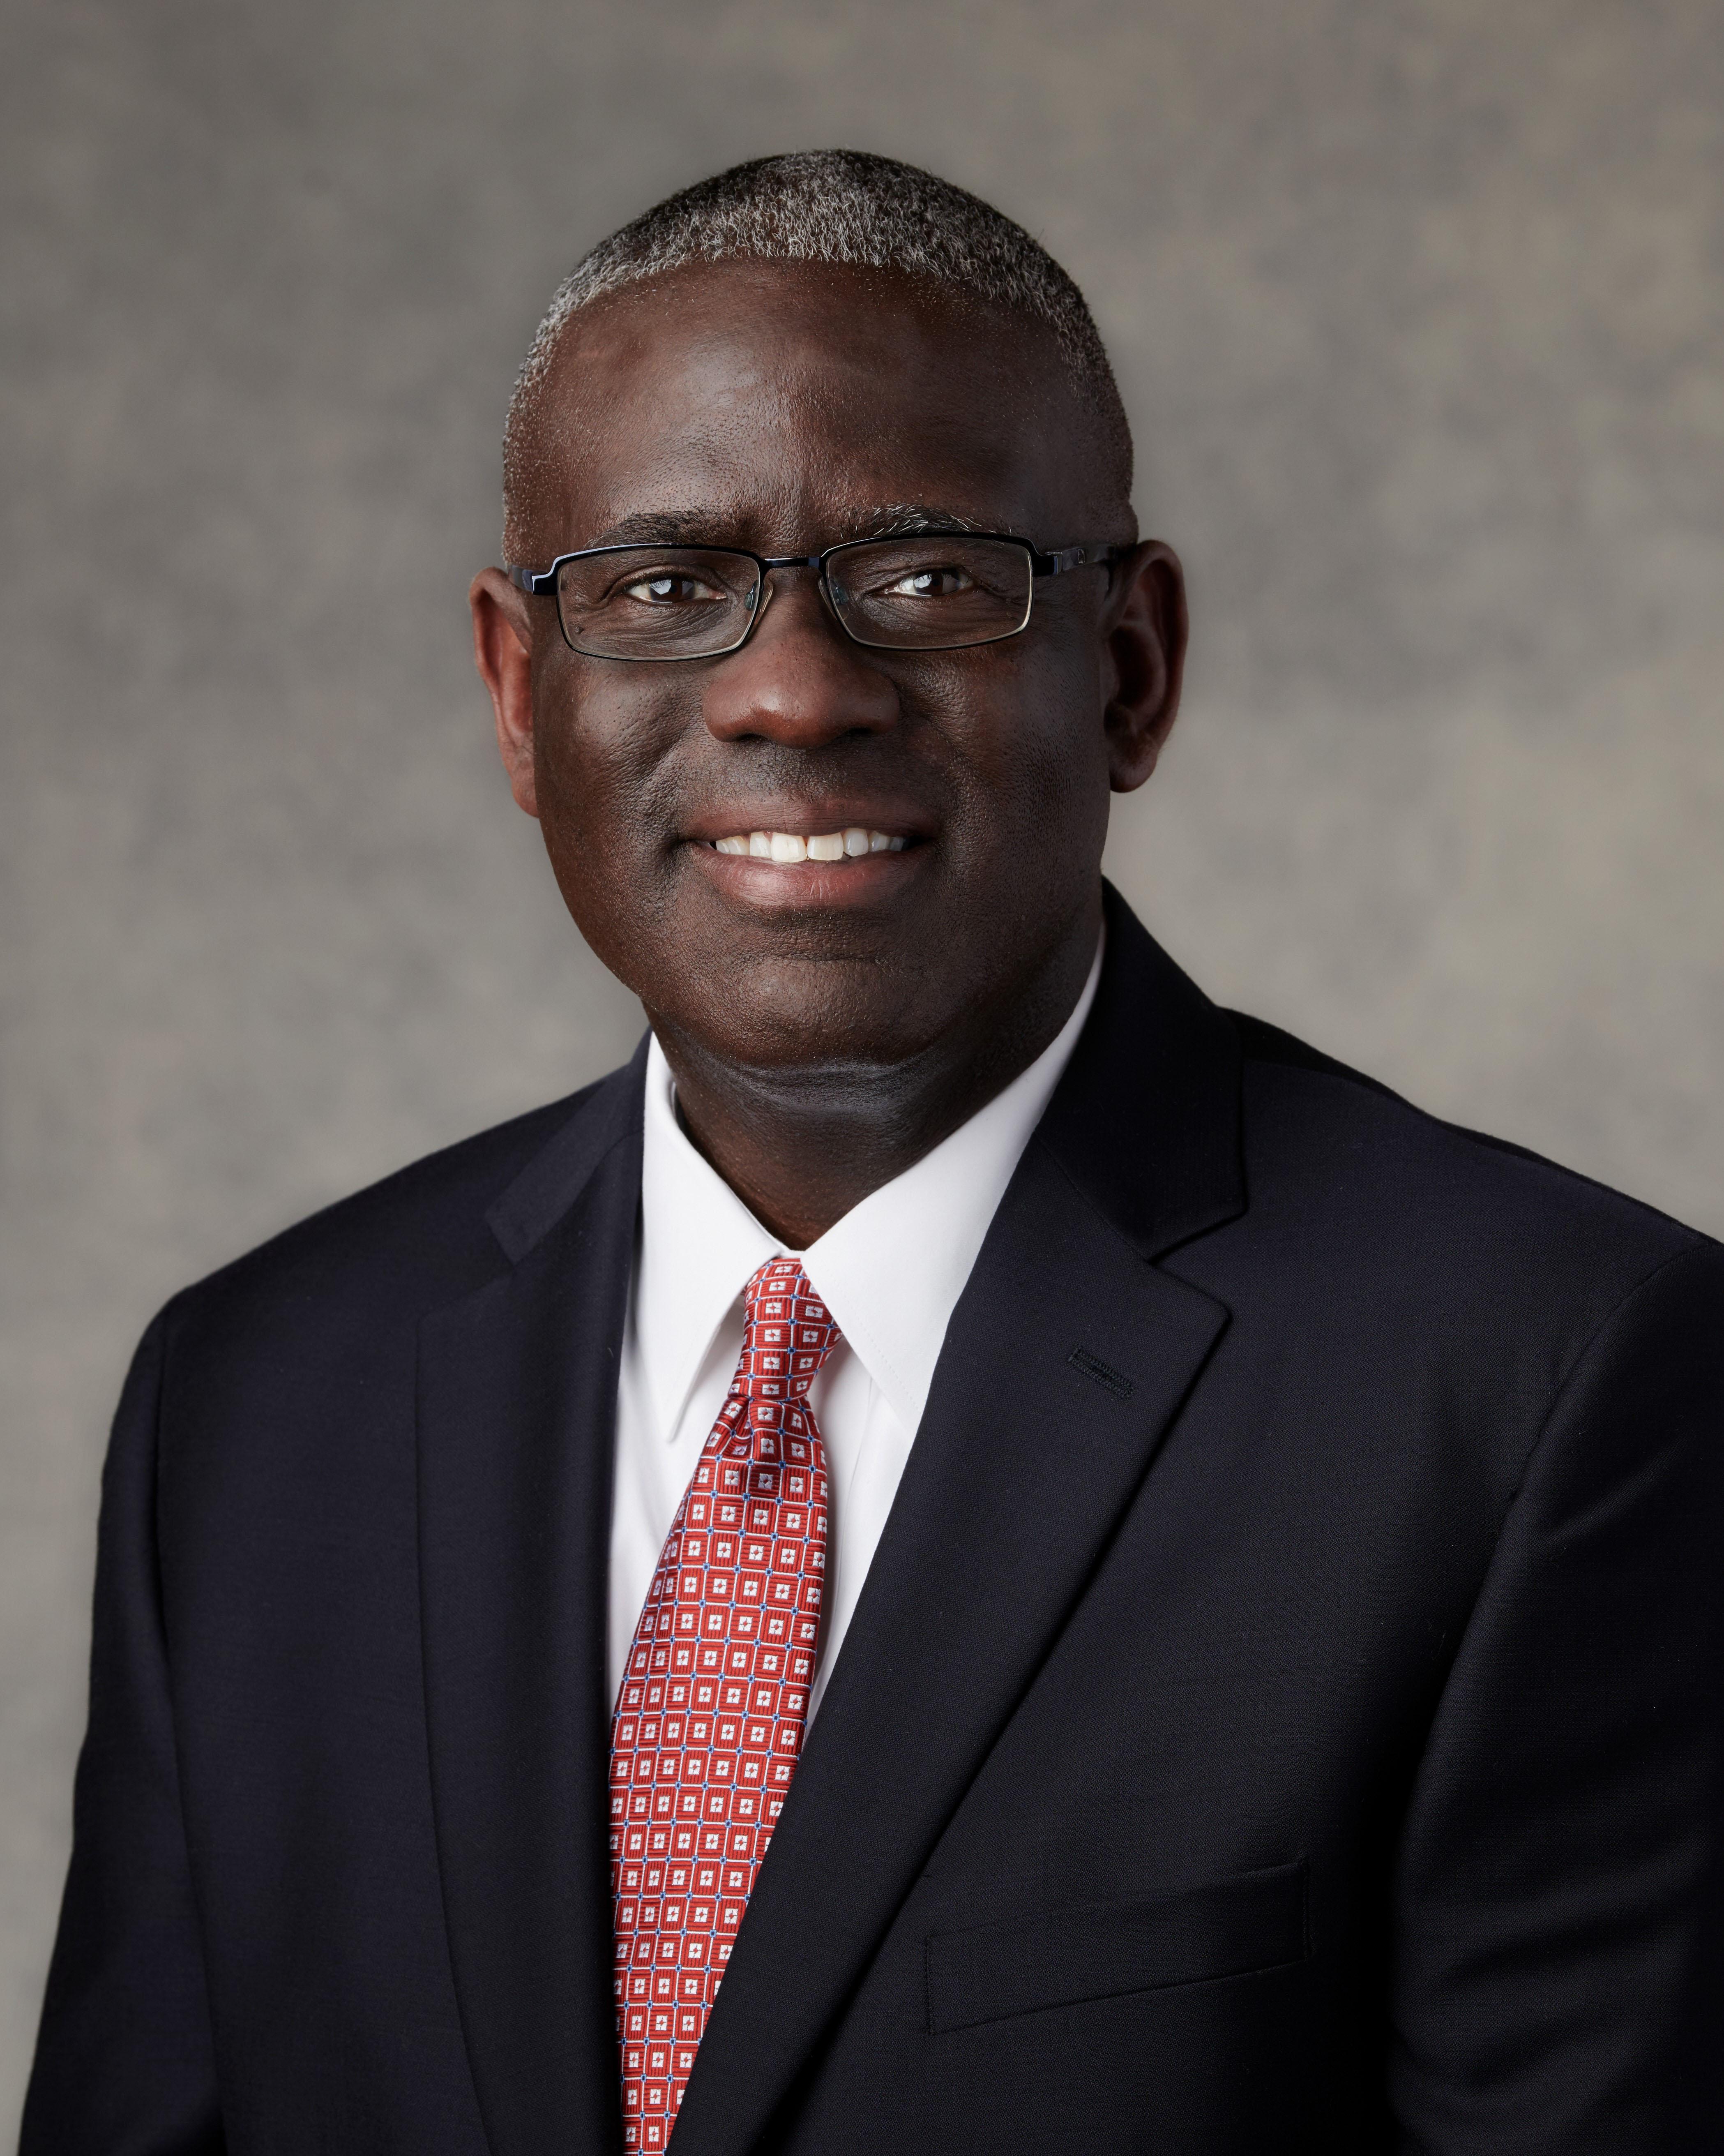 O élder Peter M. Johnson foi apoiado no sábado, dia 6 de abril de 2019, como setenta autoridade geral de A Igreja de Jesus Cristo dos Santos dos Últimos Dias.